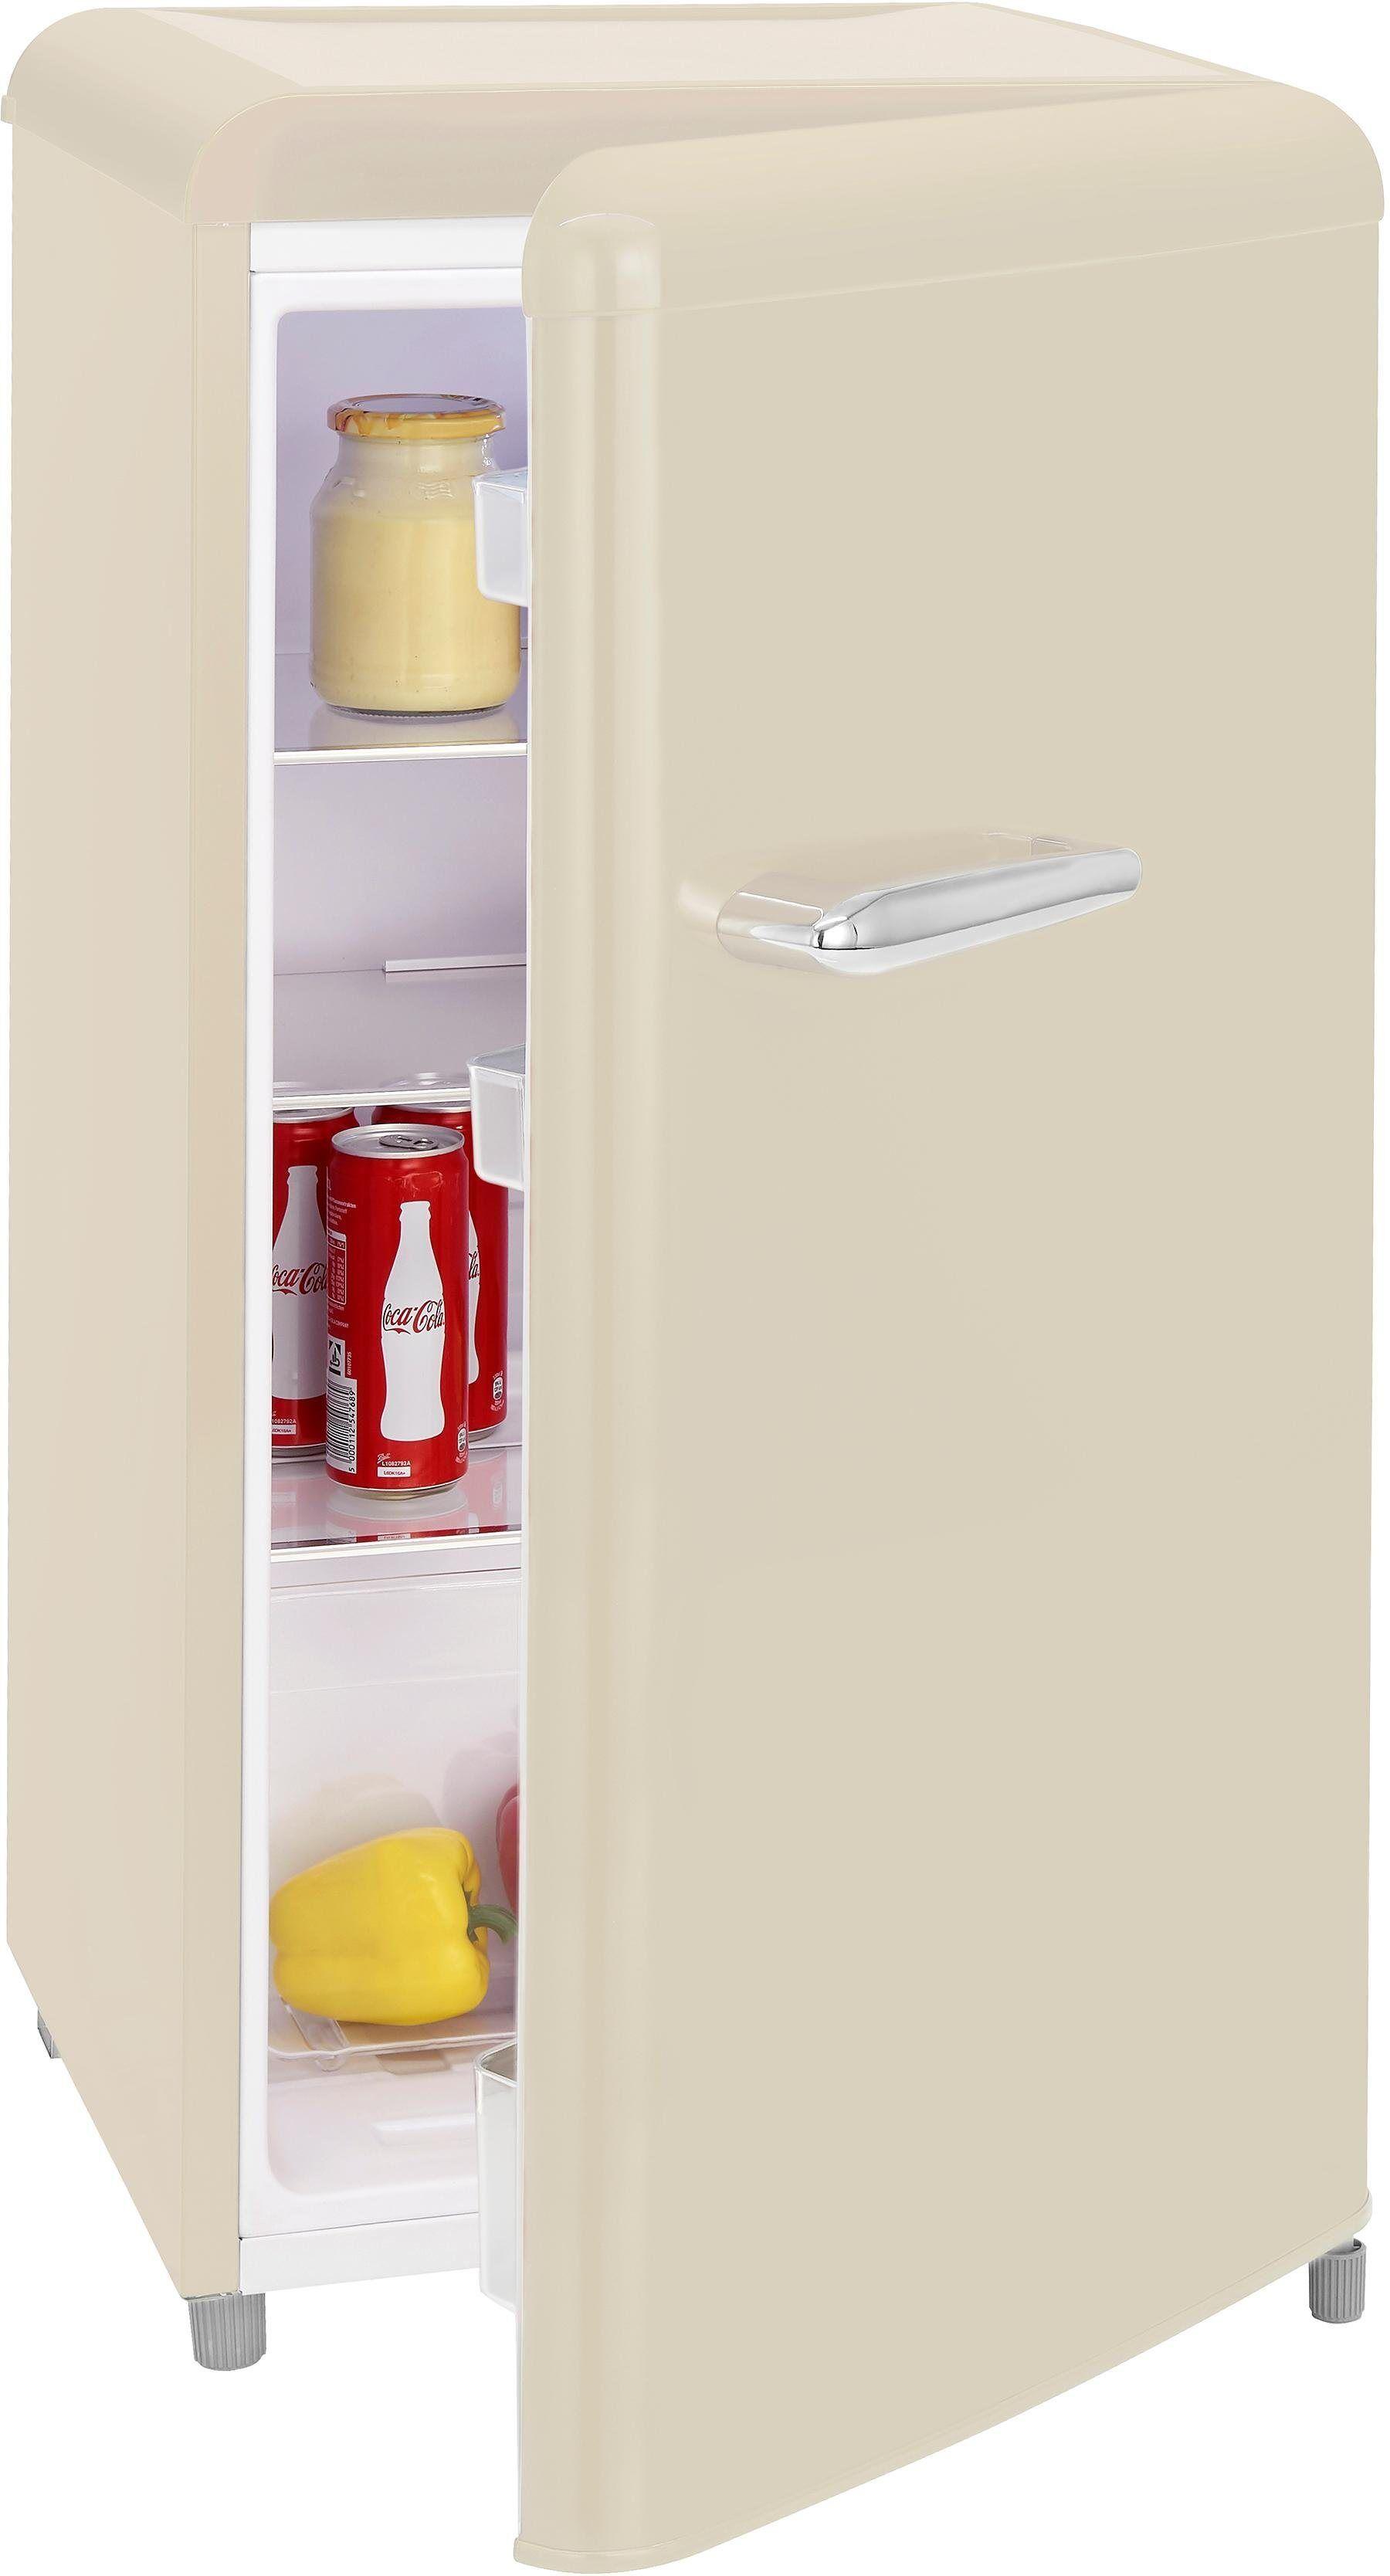 exquisit Table Top Kühlschrank RKS 100-16 RVA++ MW, 90,5 cm hoch, 48 cm breit, Retro, magnolienweiß, Energieeffizienzklasse A++